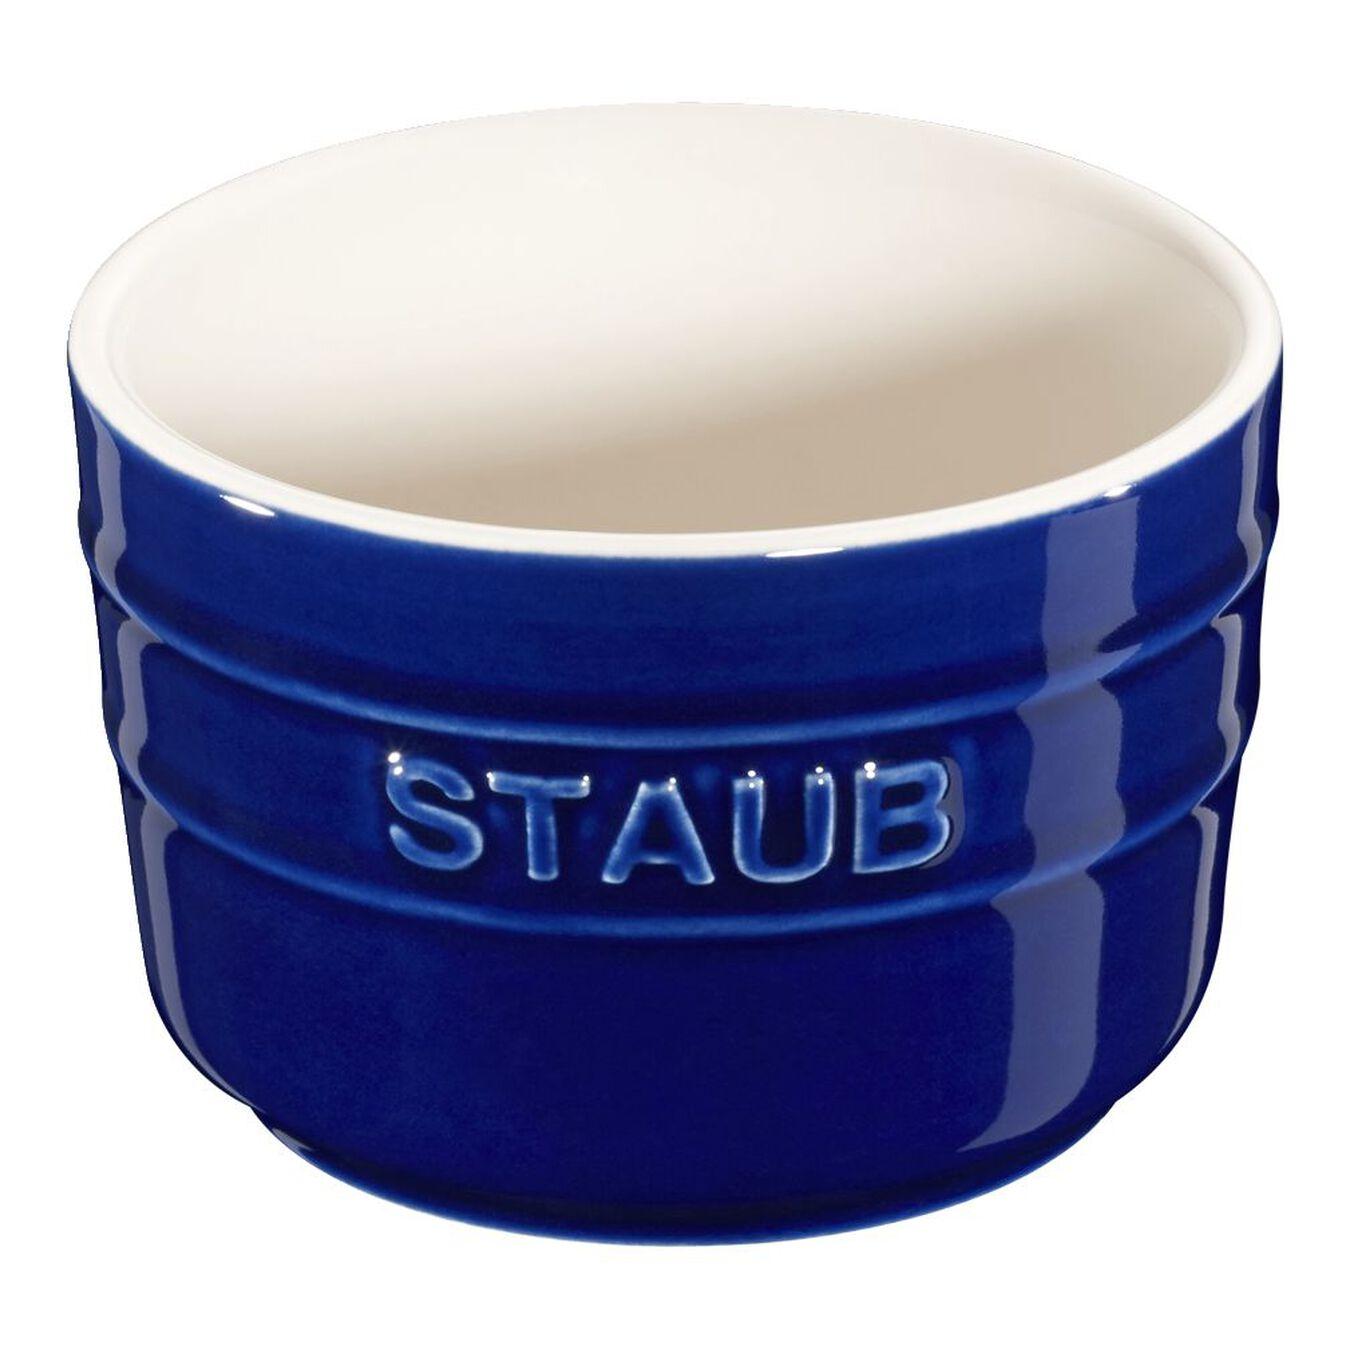 Sufle Kabı Seti, 2-parça | Koyu Mavi | Seramik | Yuvarlak | Seramik,,large 1